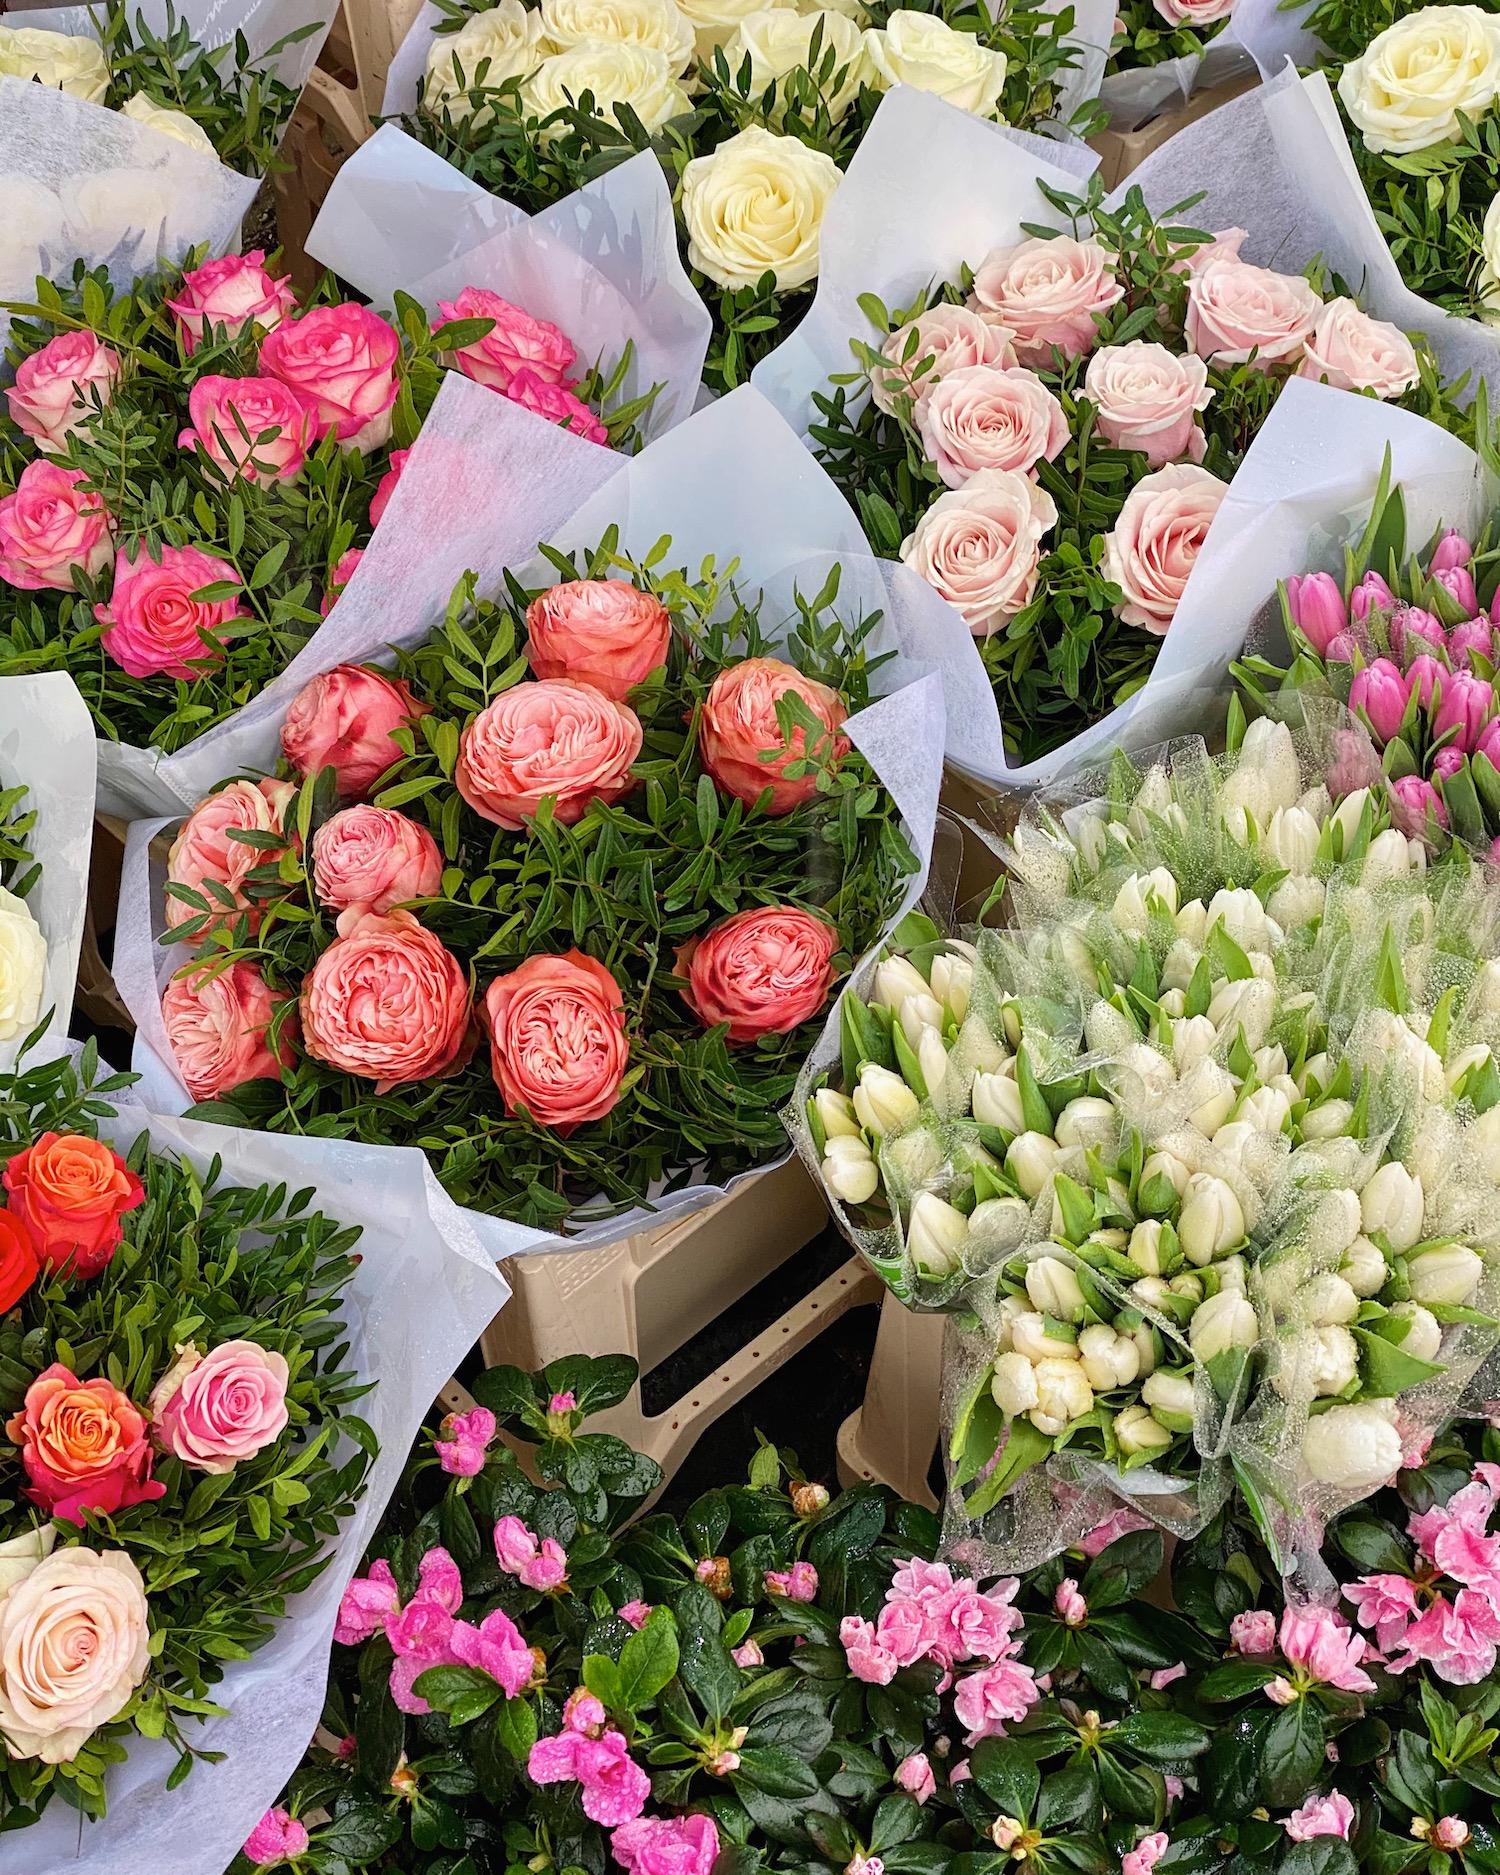 flowers in neuilly-sur-seine